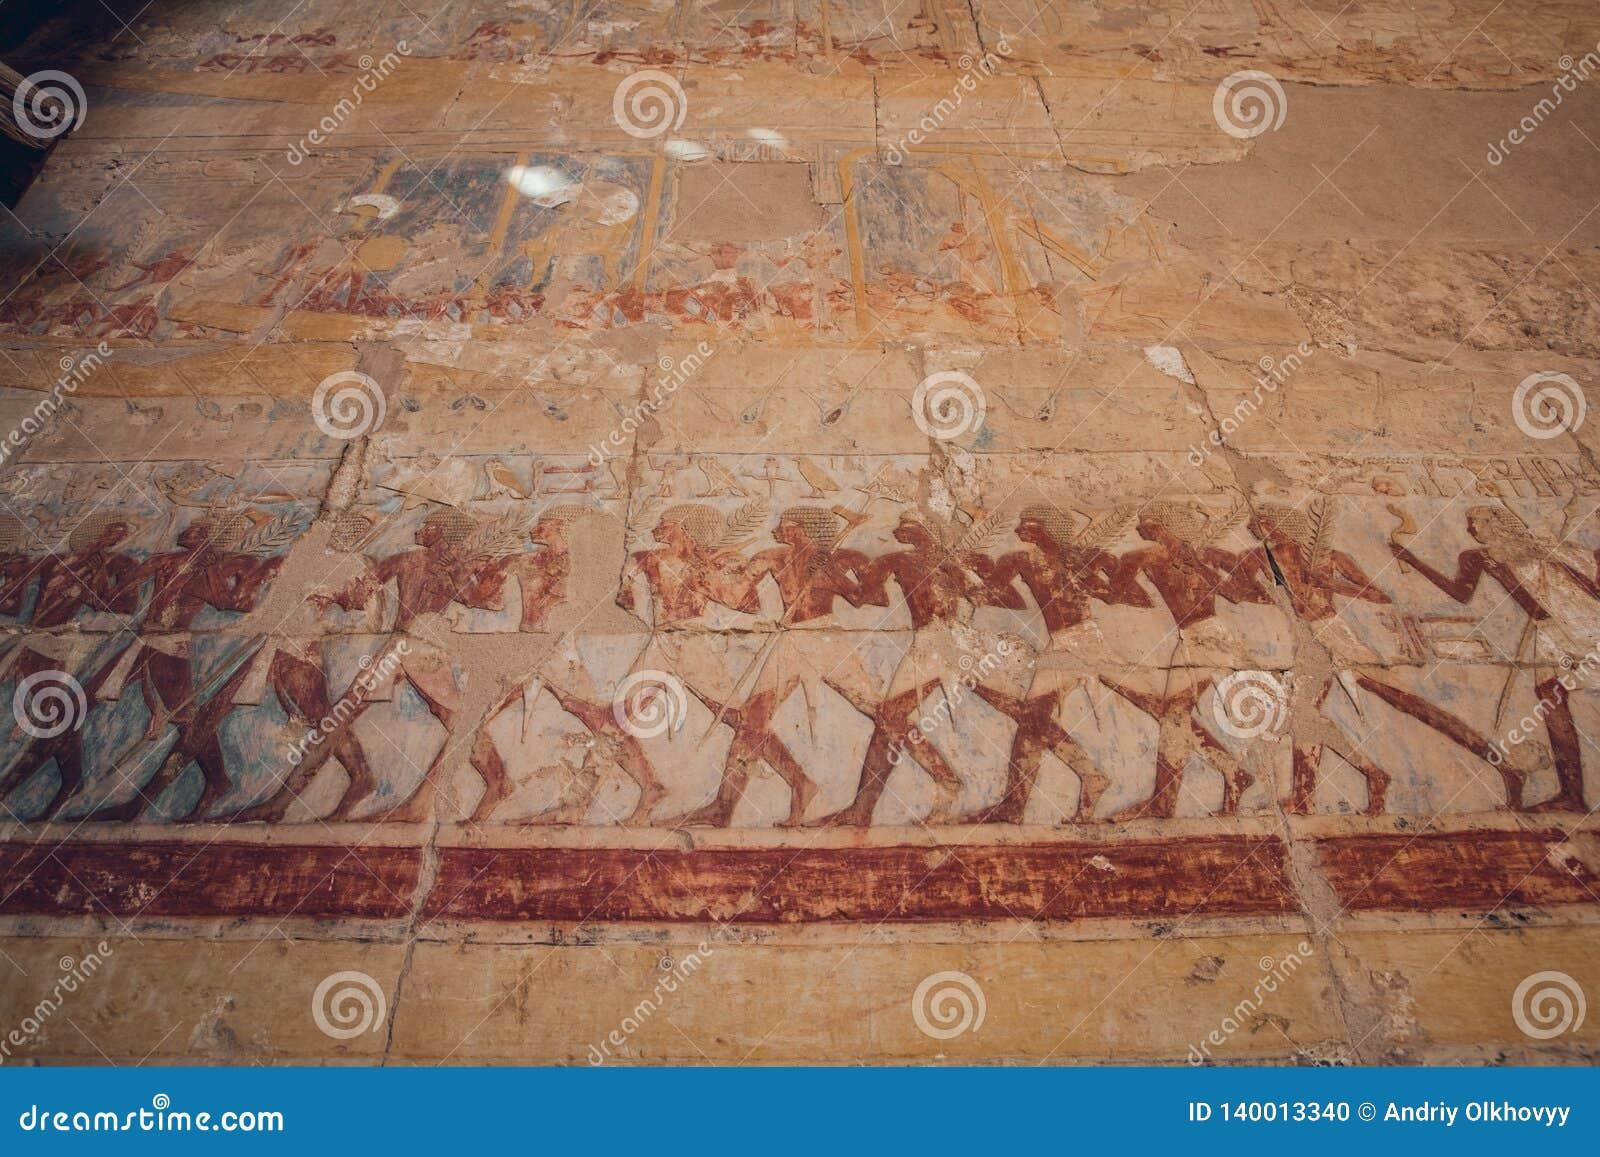 Oude Egyptische schilderijen en hiërogliefen op de muur in Karnak-Tempel Complex in Luxor, Egypte